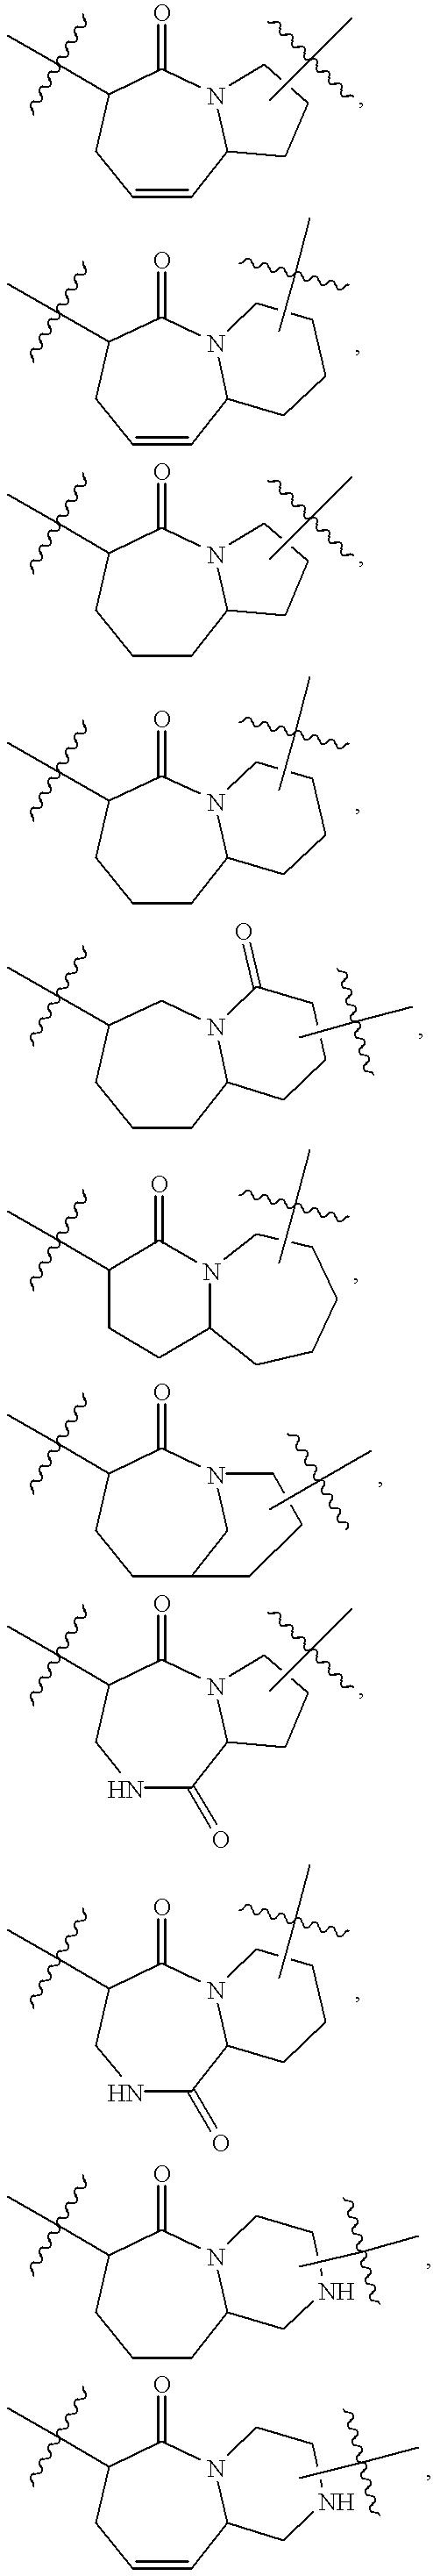 Figure US20020055501A1-20020509-C00007